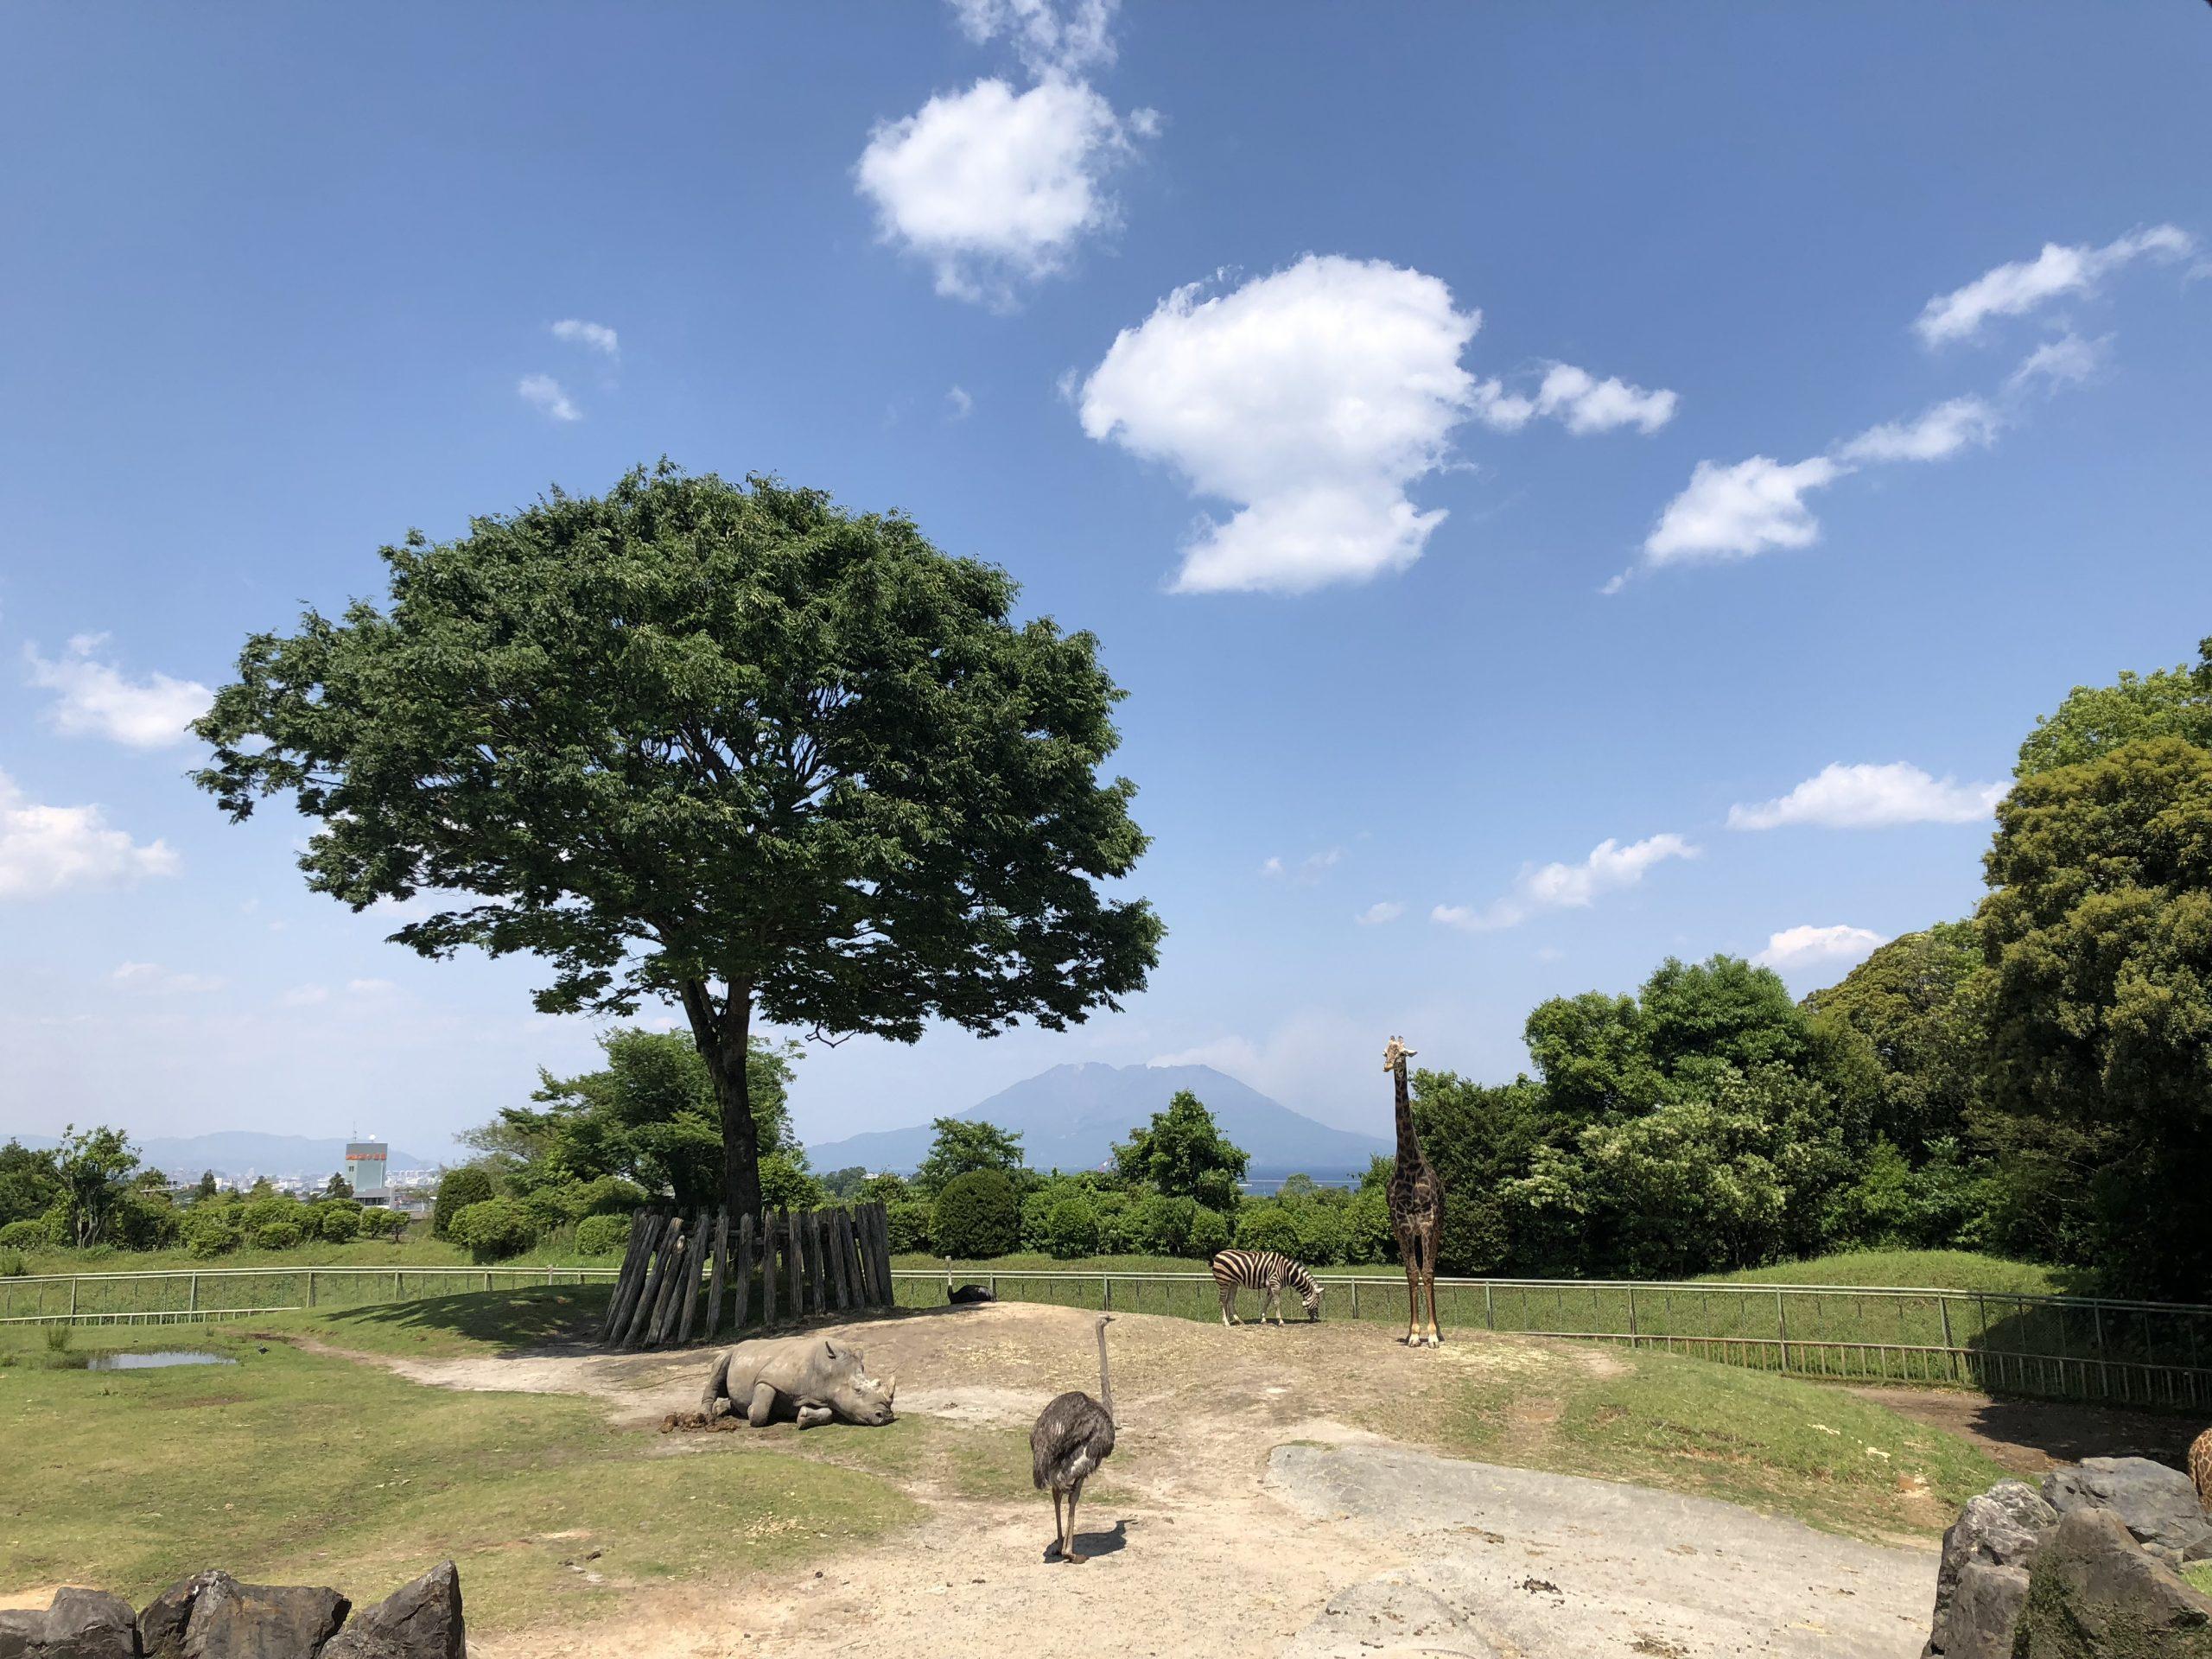 今年の夜の平川動物公園は事前の申し込みが必要! 申込締切  7月27日(月)必着! イメージ画像